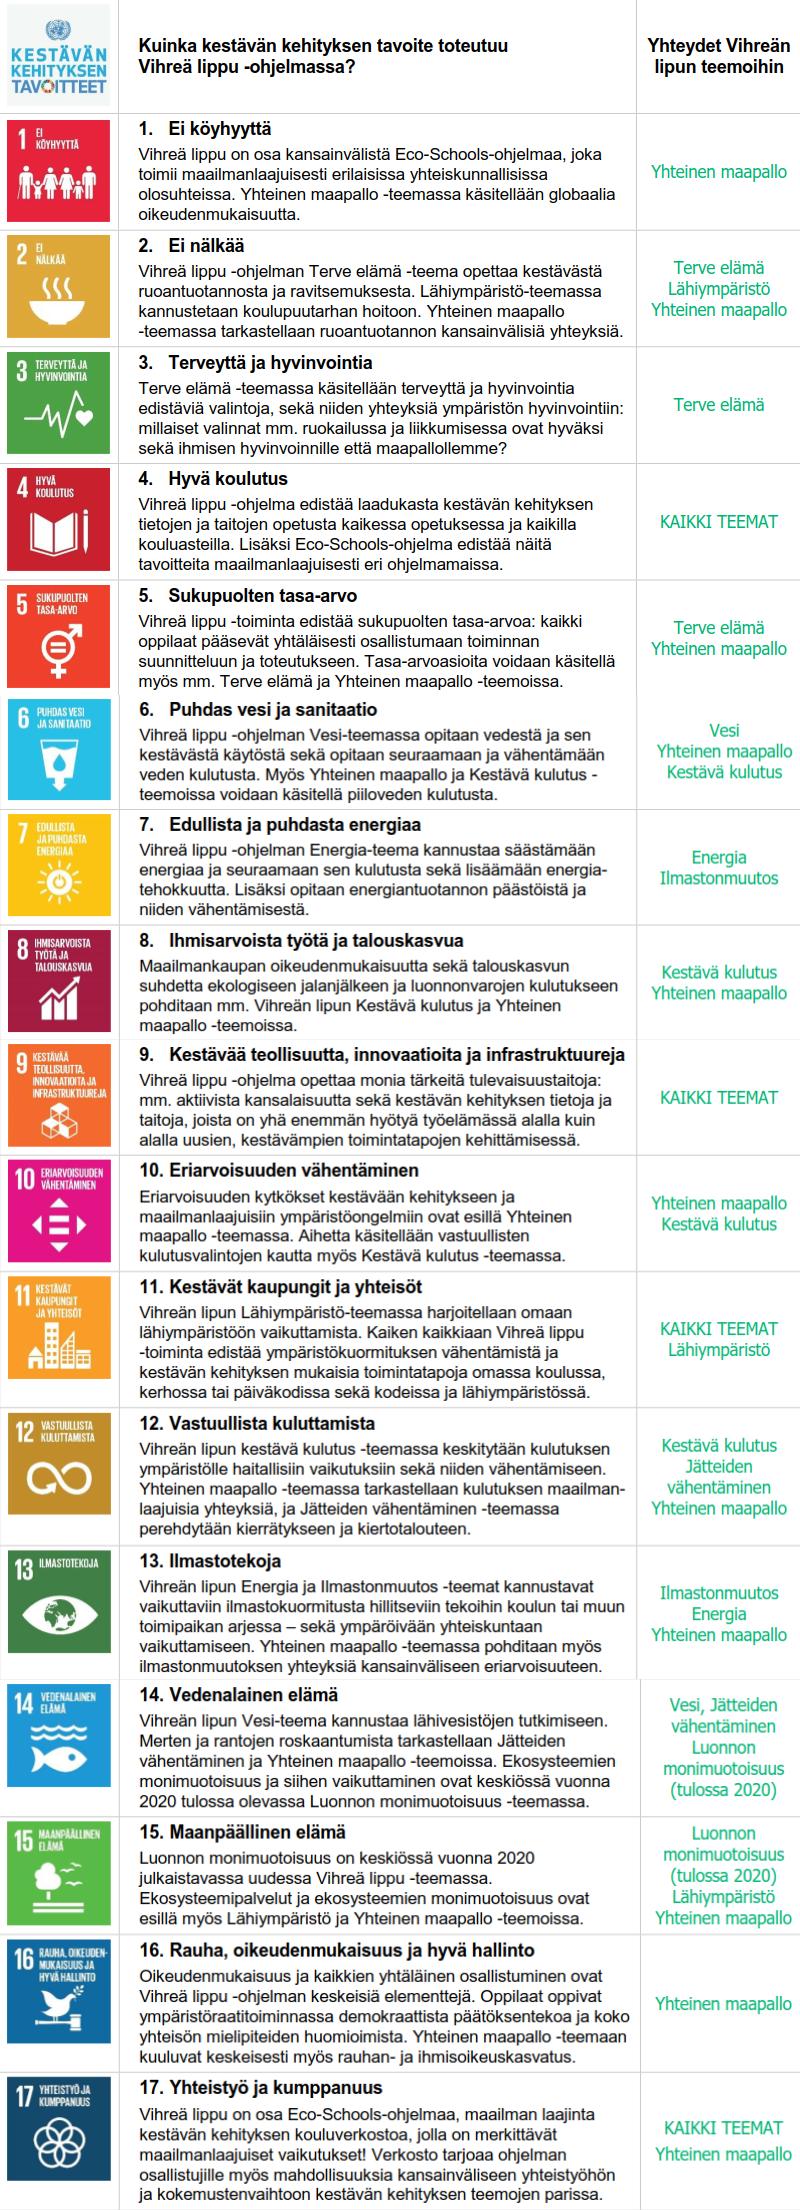 Agenda 2030 ja Vihreä lippu